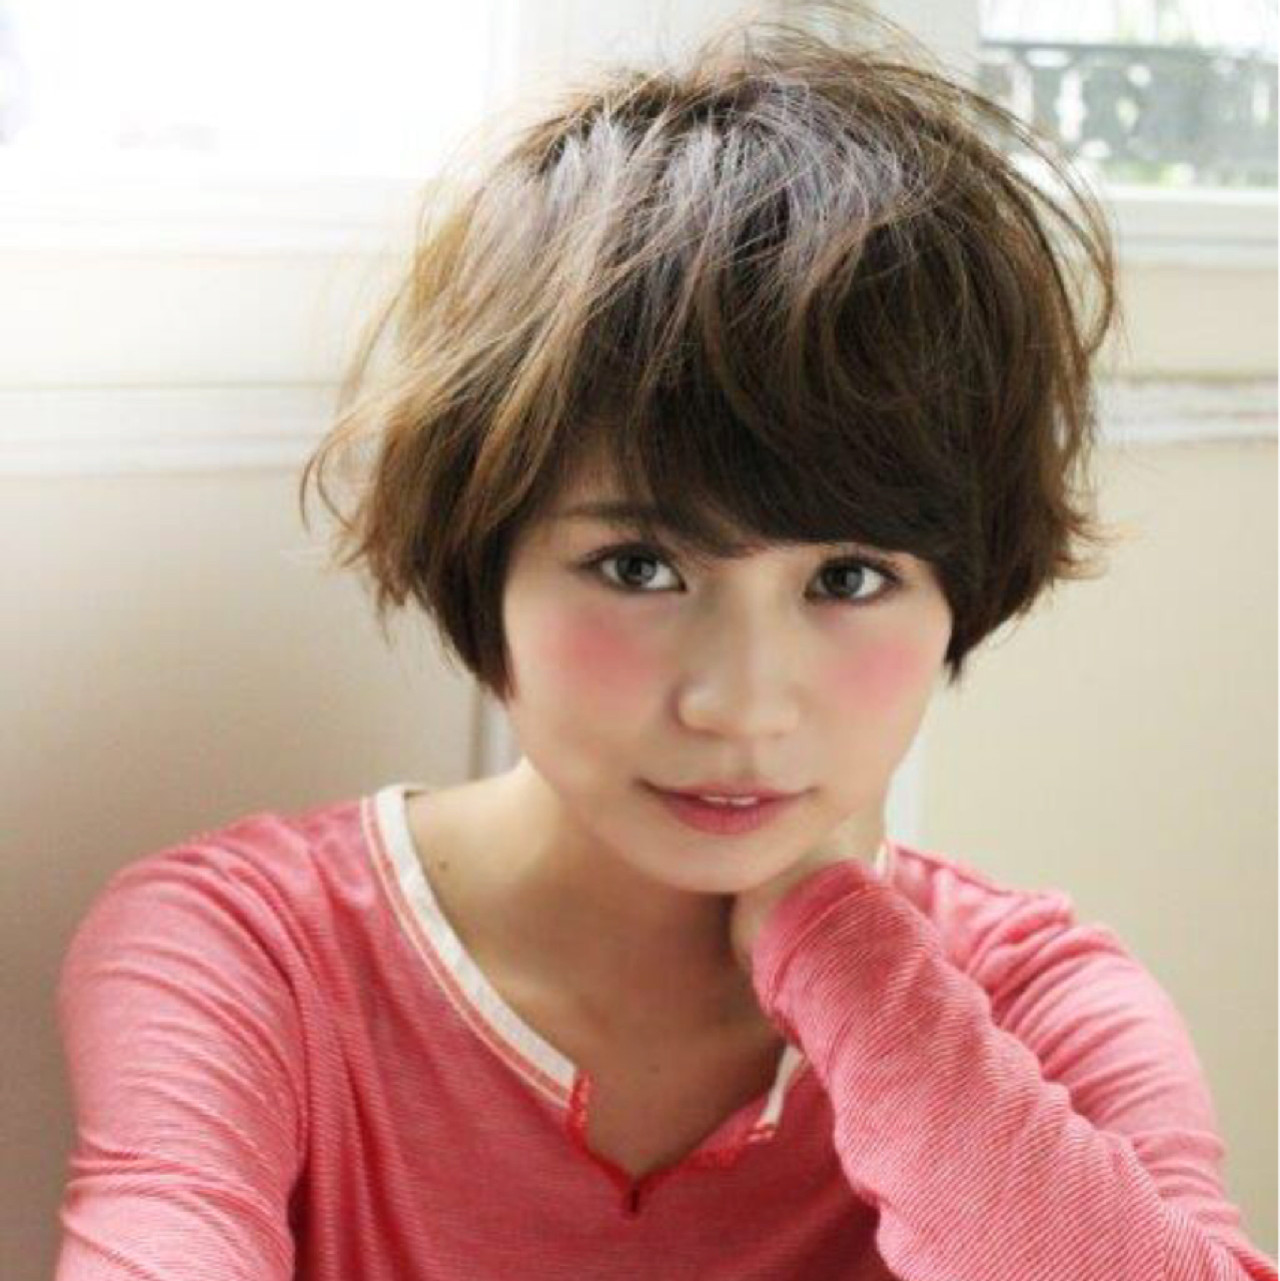 似合わせ ラフ ショート キュート ヘアスタイルや髪型の写真・画像   切りっぱなしレイヤー&パーマ Un ami 増永 / Un ami omotesando